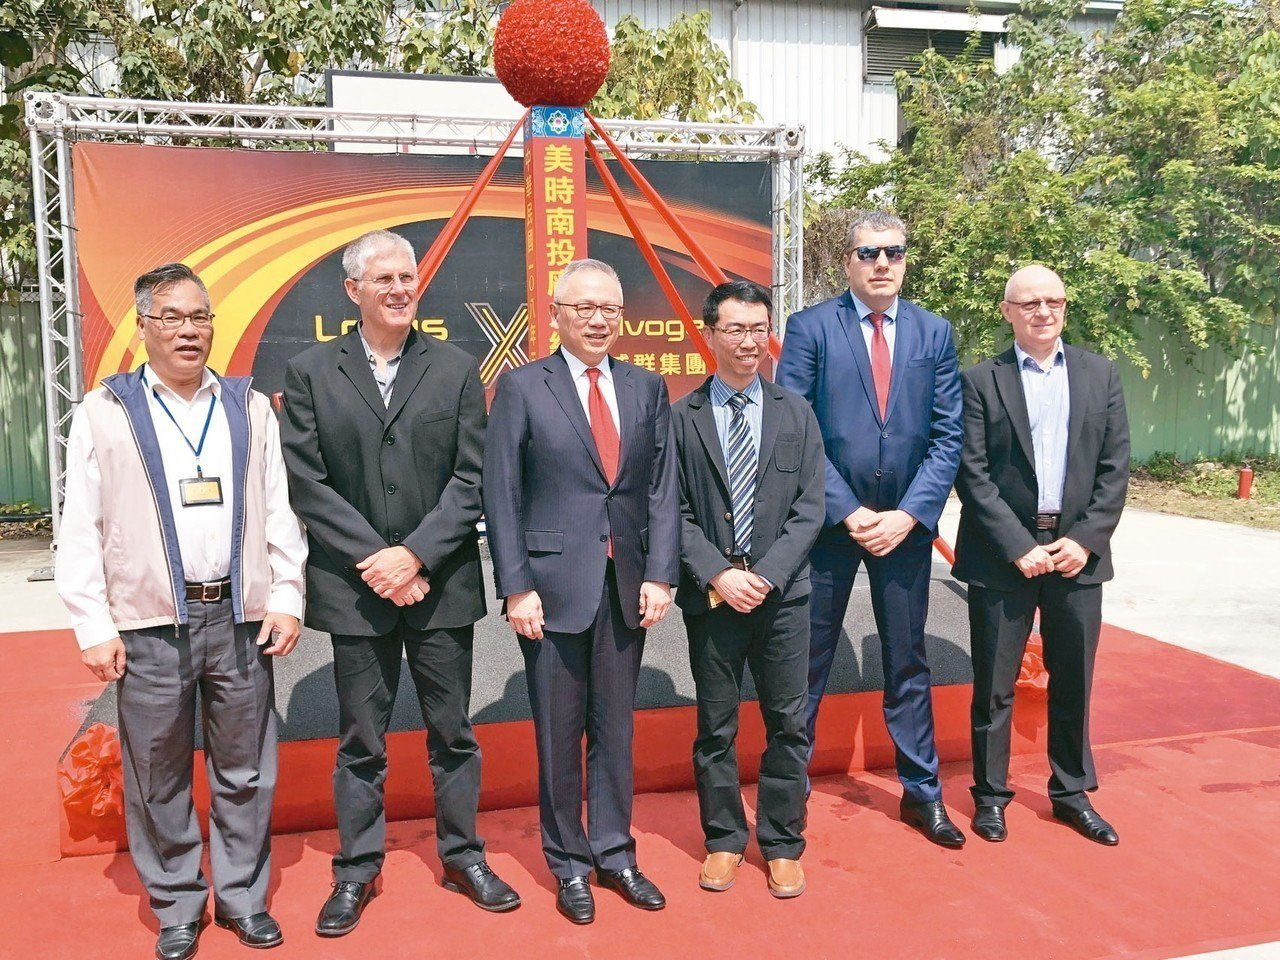 美時副董事長林羣(左三)昨日率經營團隊舉行新廠動土典禮。 記者黃文奇/攝影